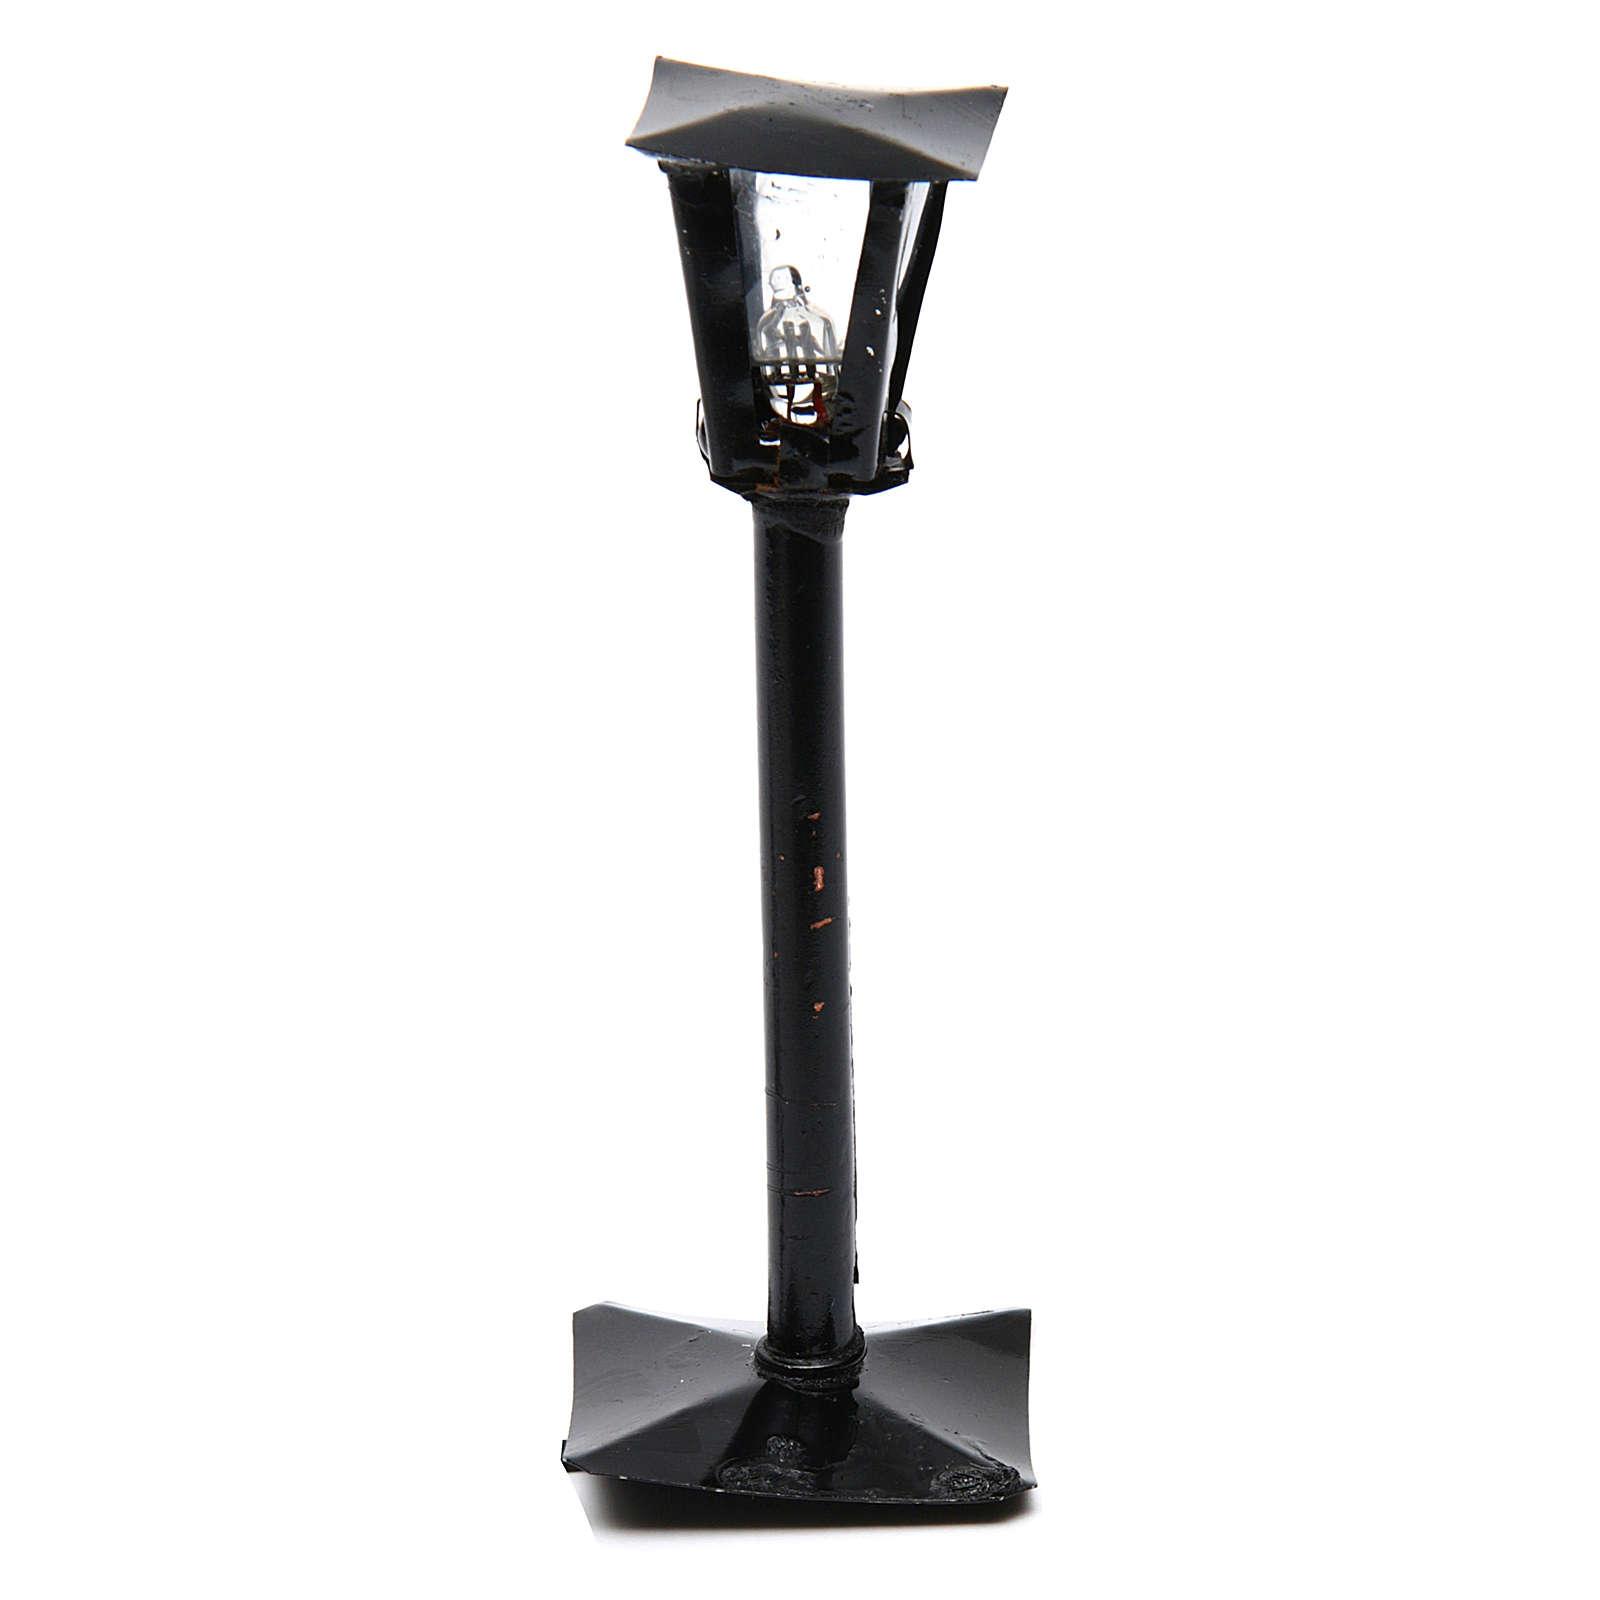 Réverbère avec lanterne bricolage crèche h réelle 11 cm - 12V 4